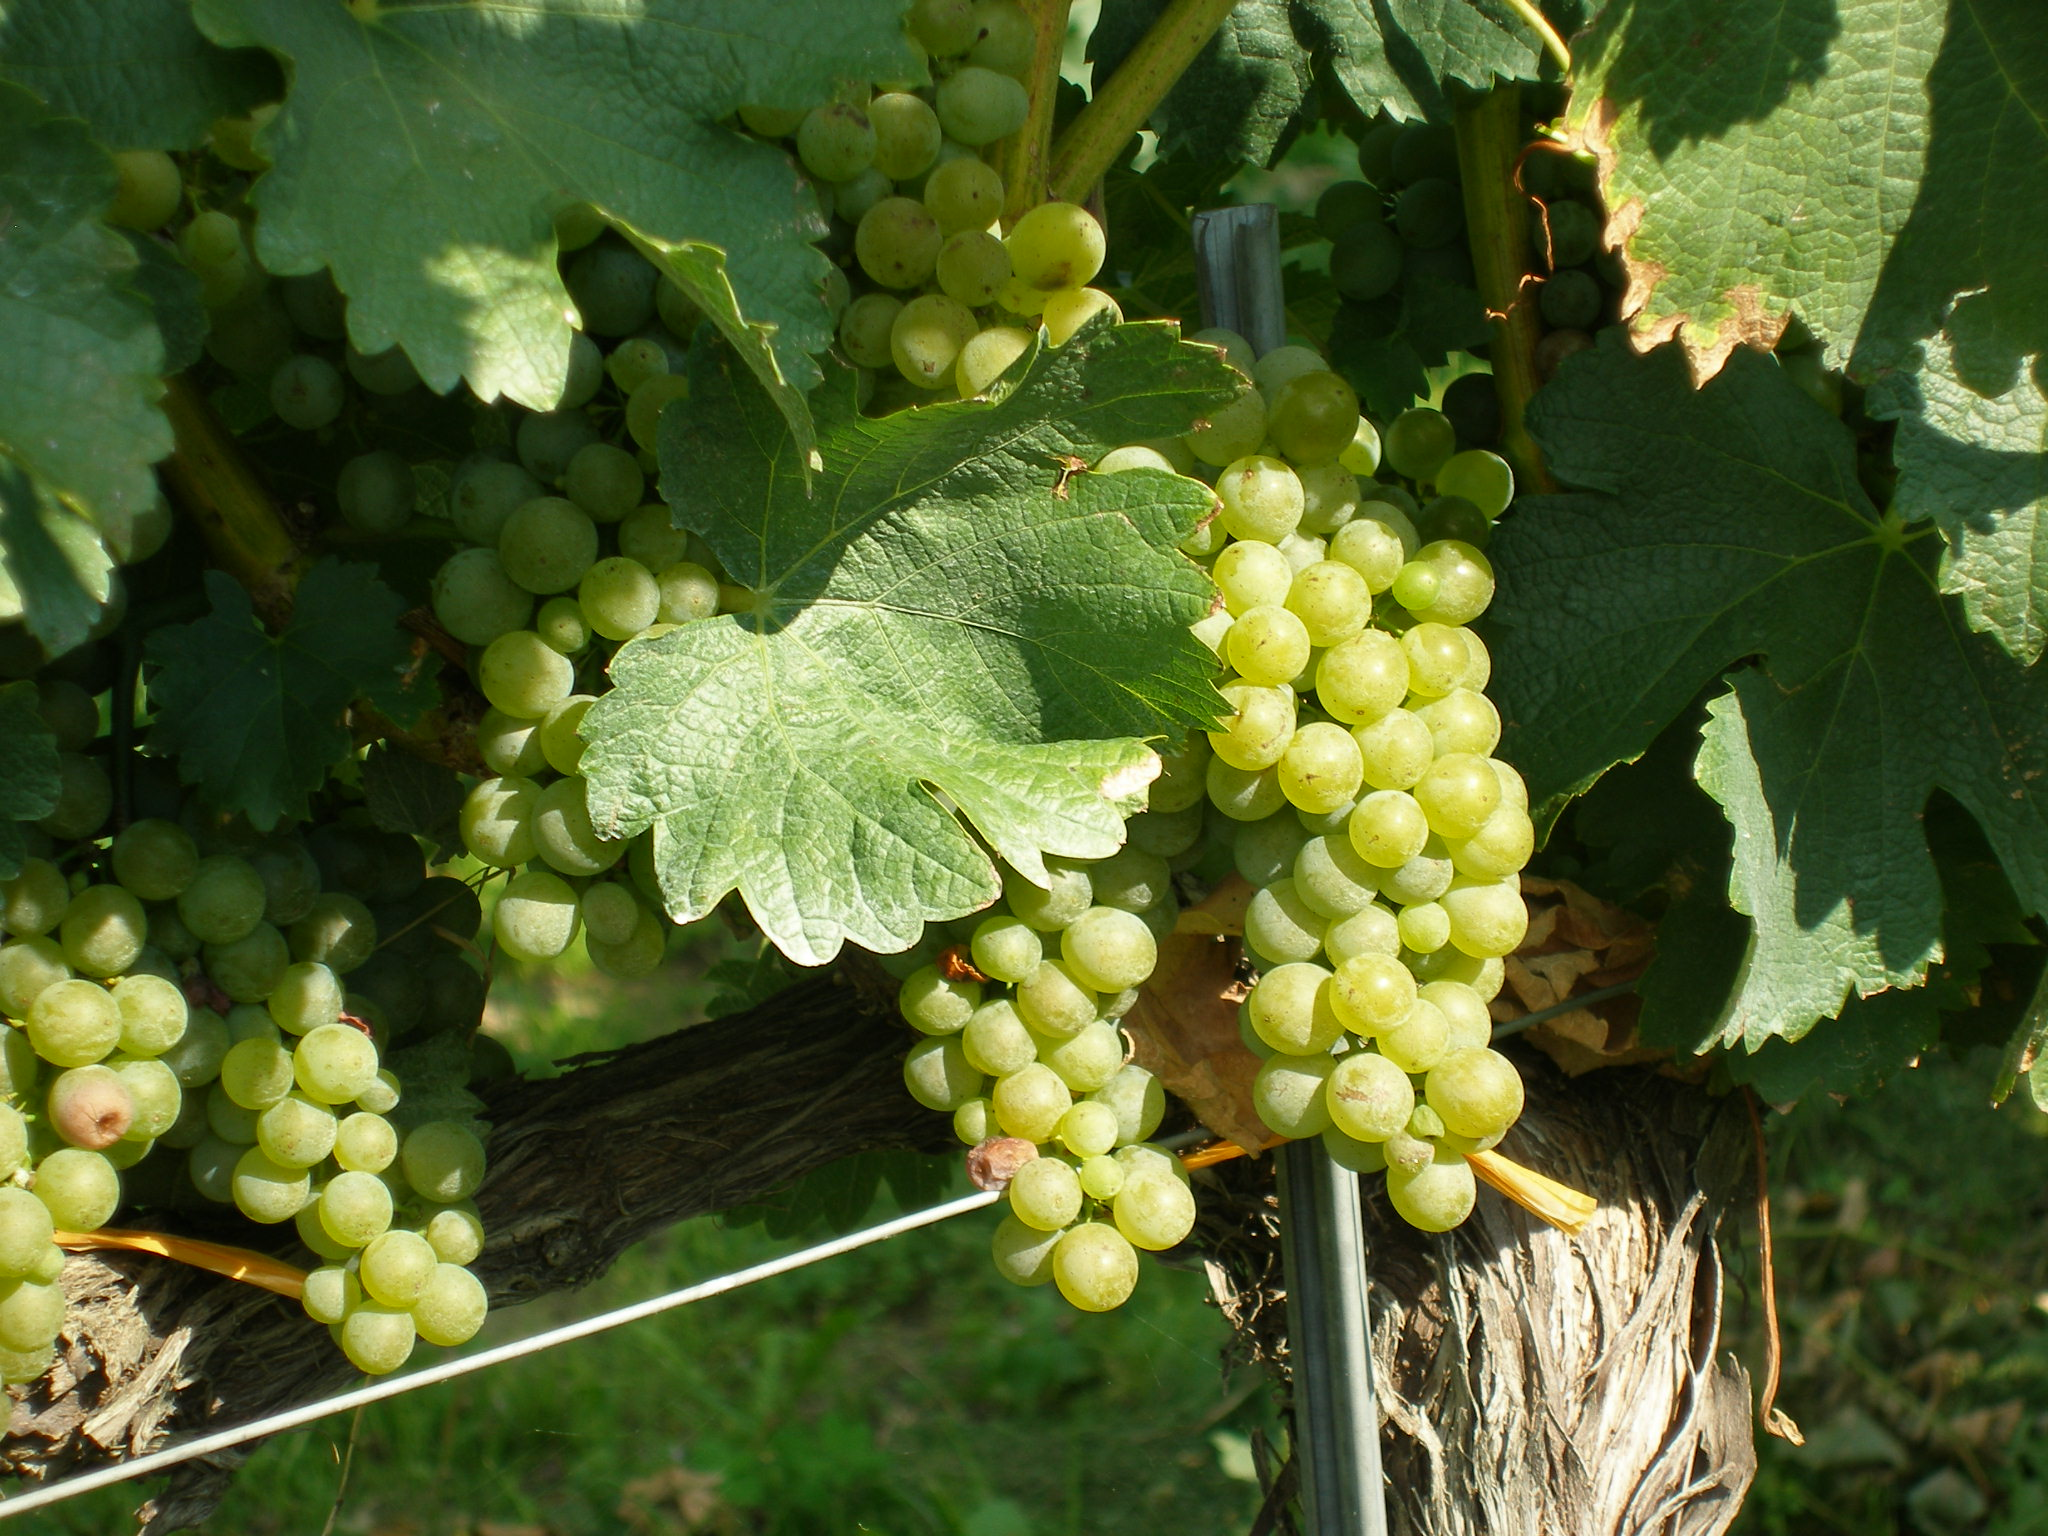 Weintrauben während der Reife im Sommer an der Rebe